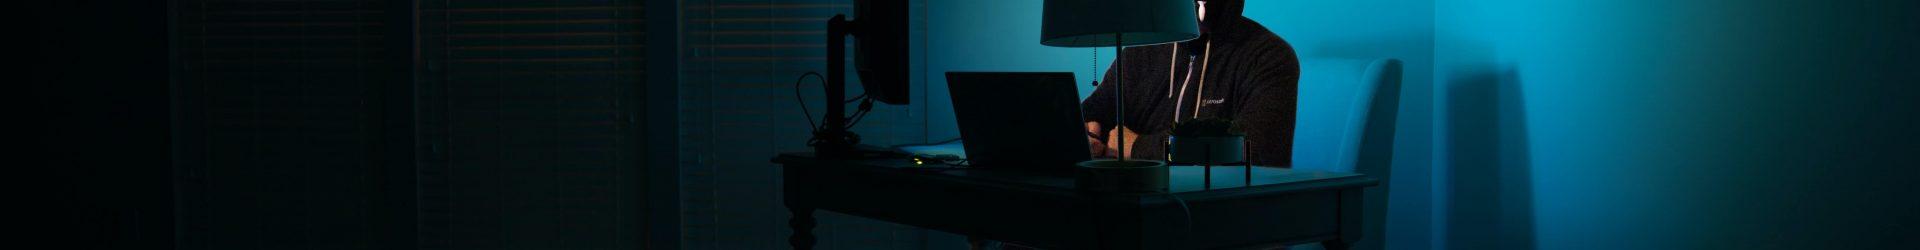 Proteggere i dati aziendali